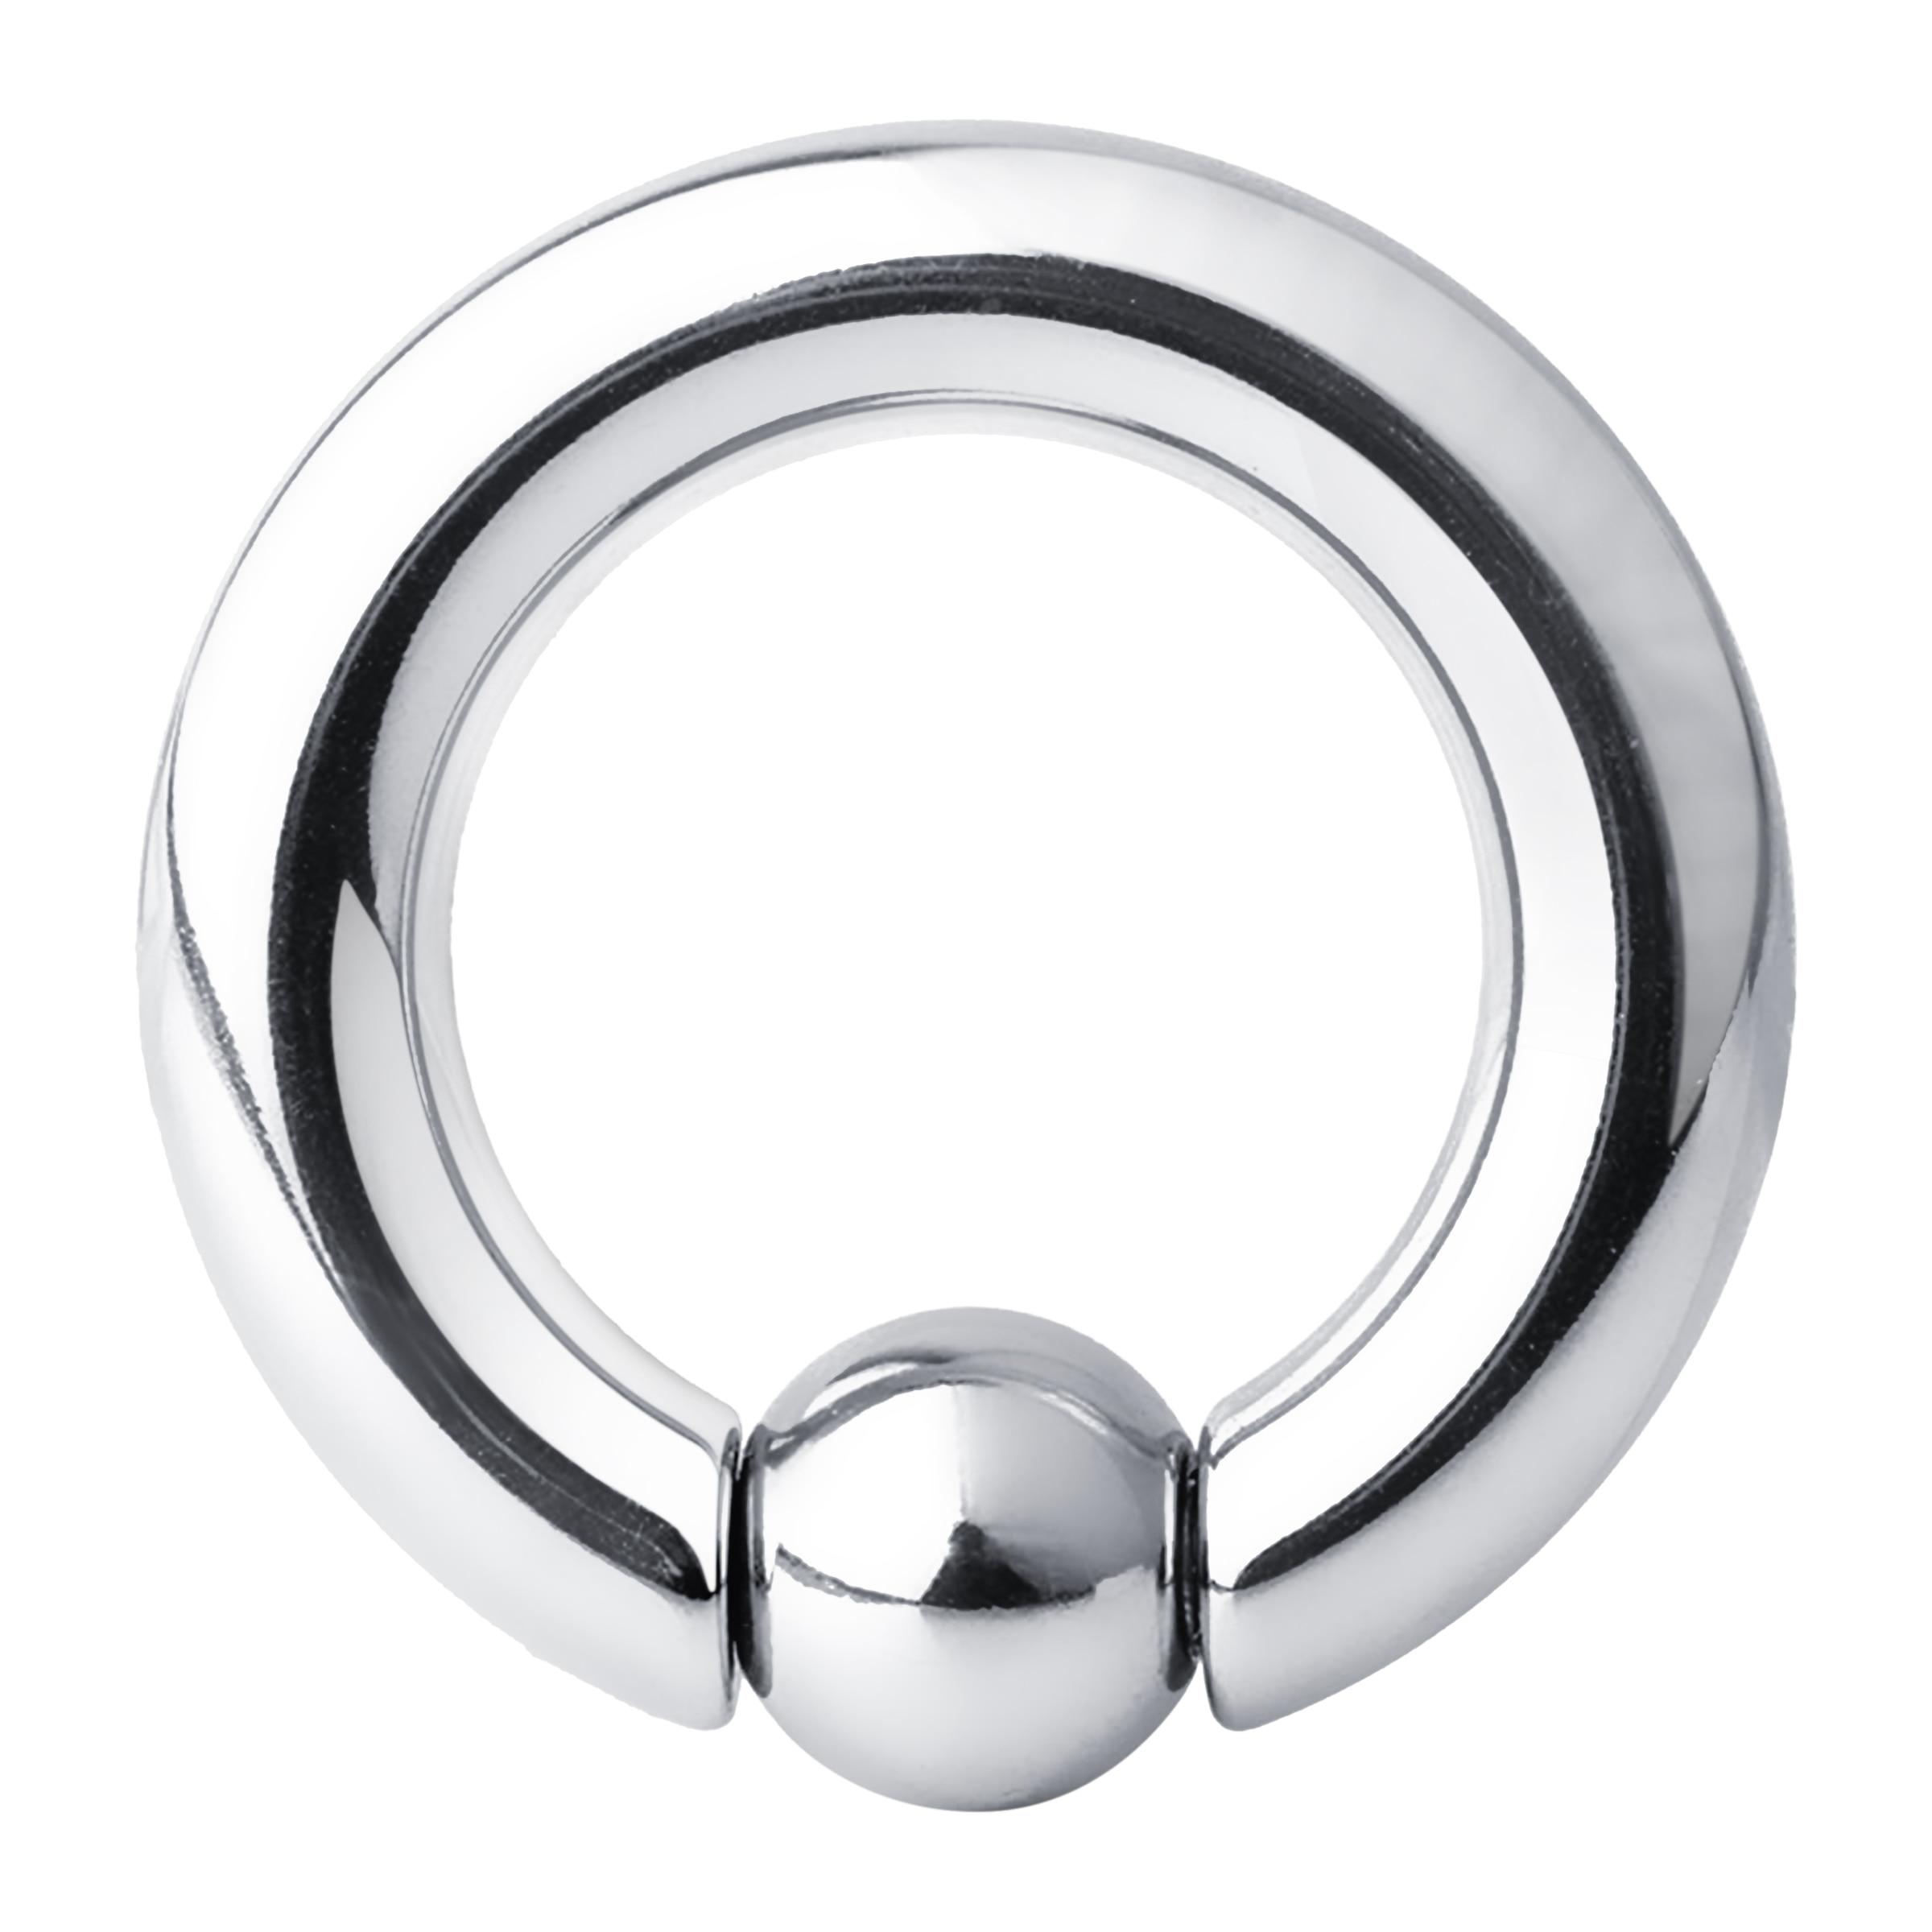 1PCS Stainless Steel Bead Hoop Earrings Nipple Nostril Large Ring.